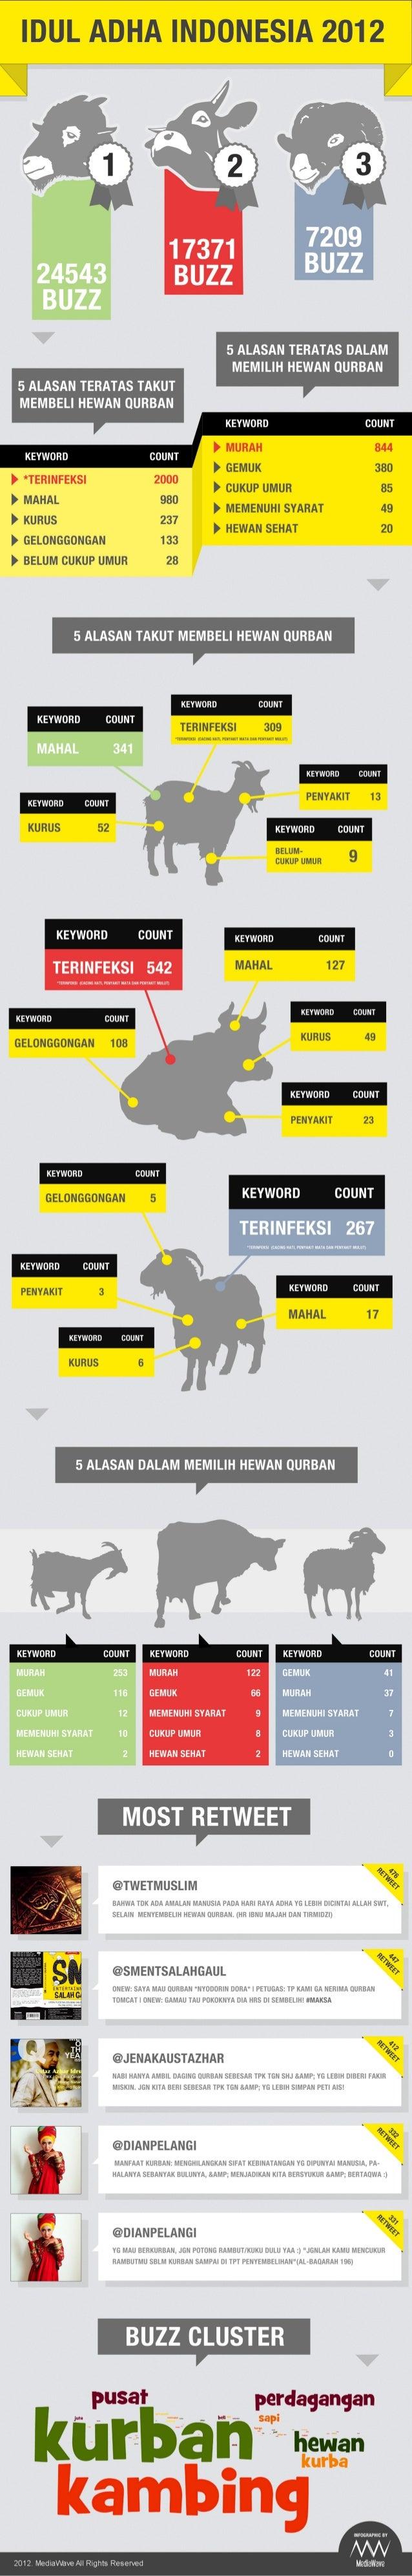 Idul adha indonesia 2012